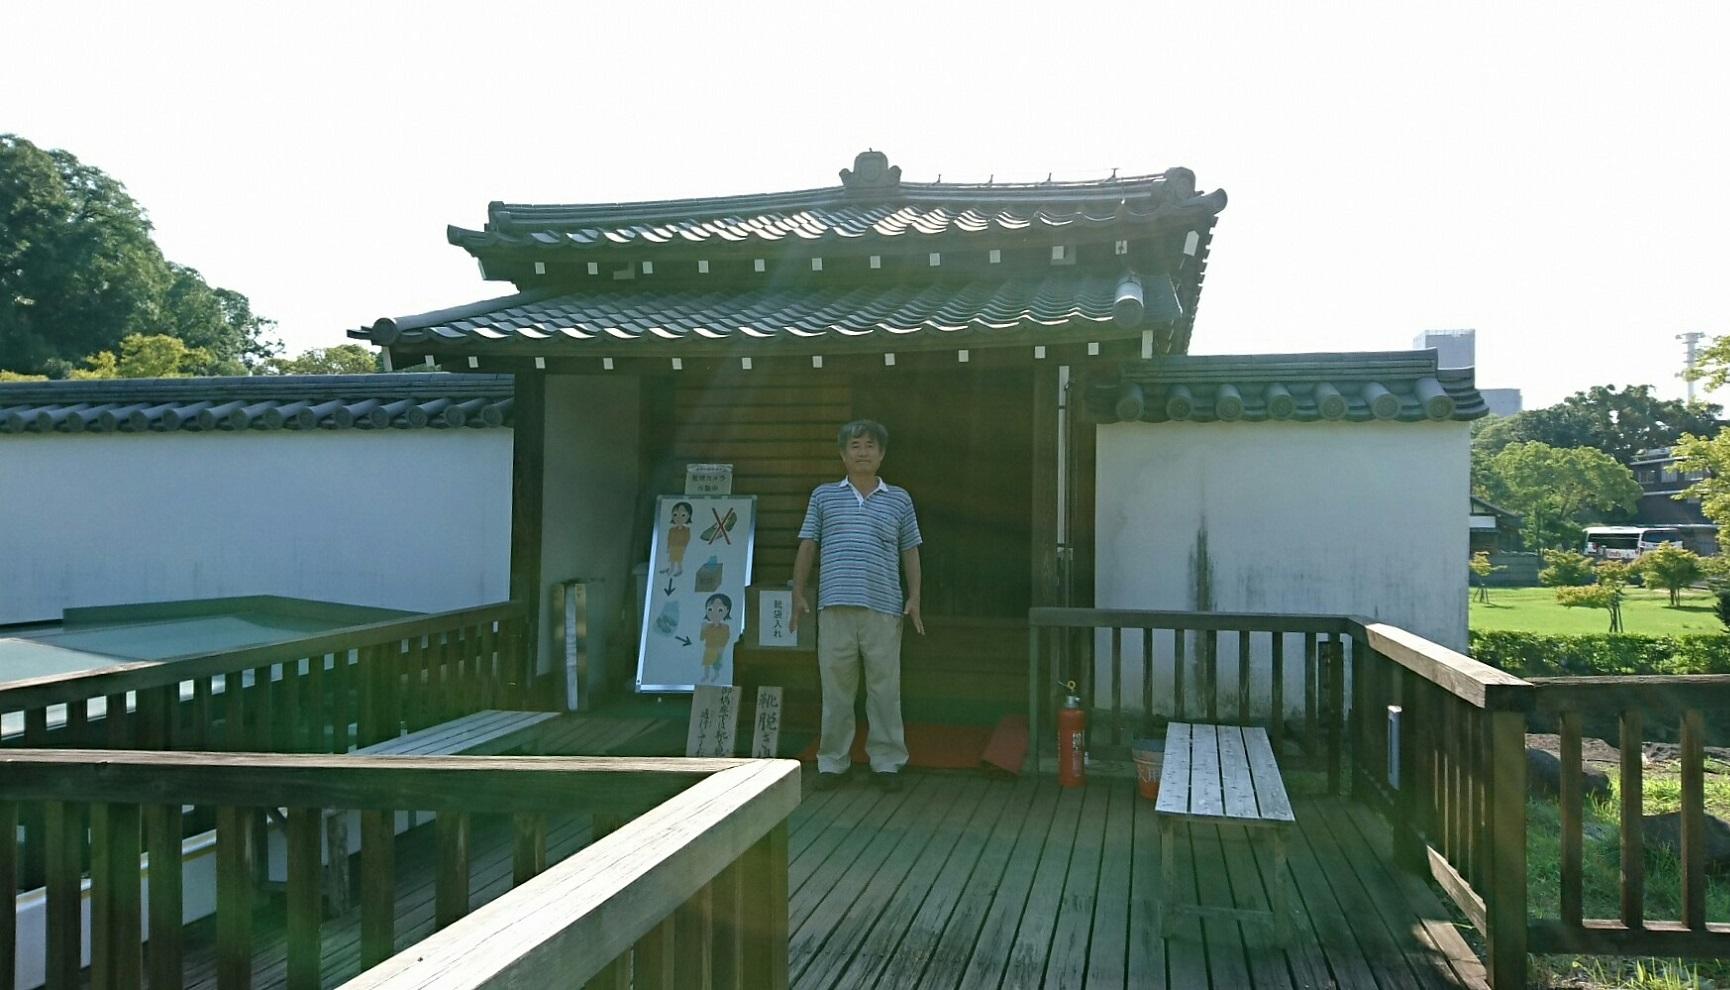 2017.8.17 わかやま (12) 和歌山城=おはしろうか 1730-990